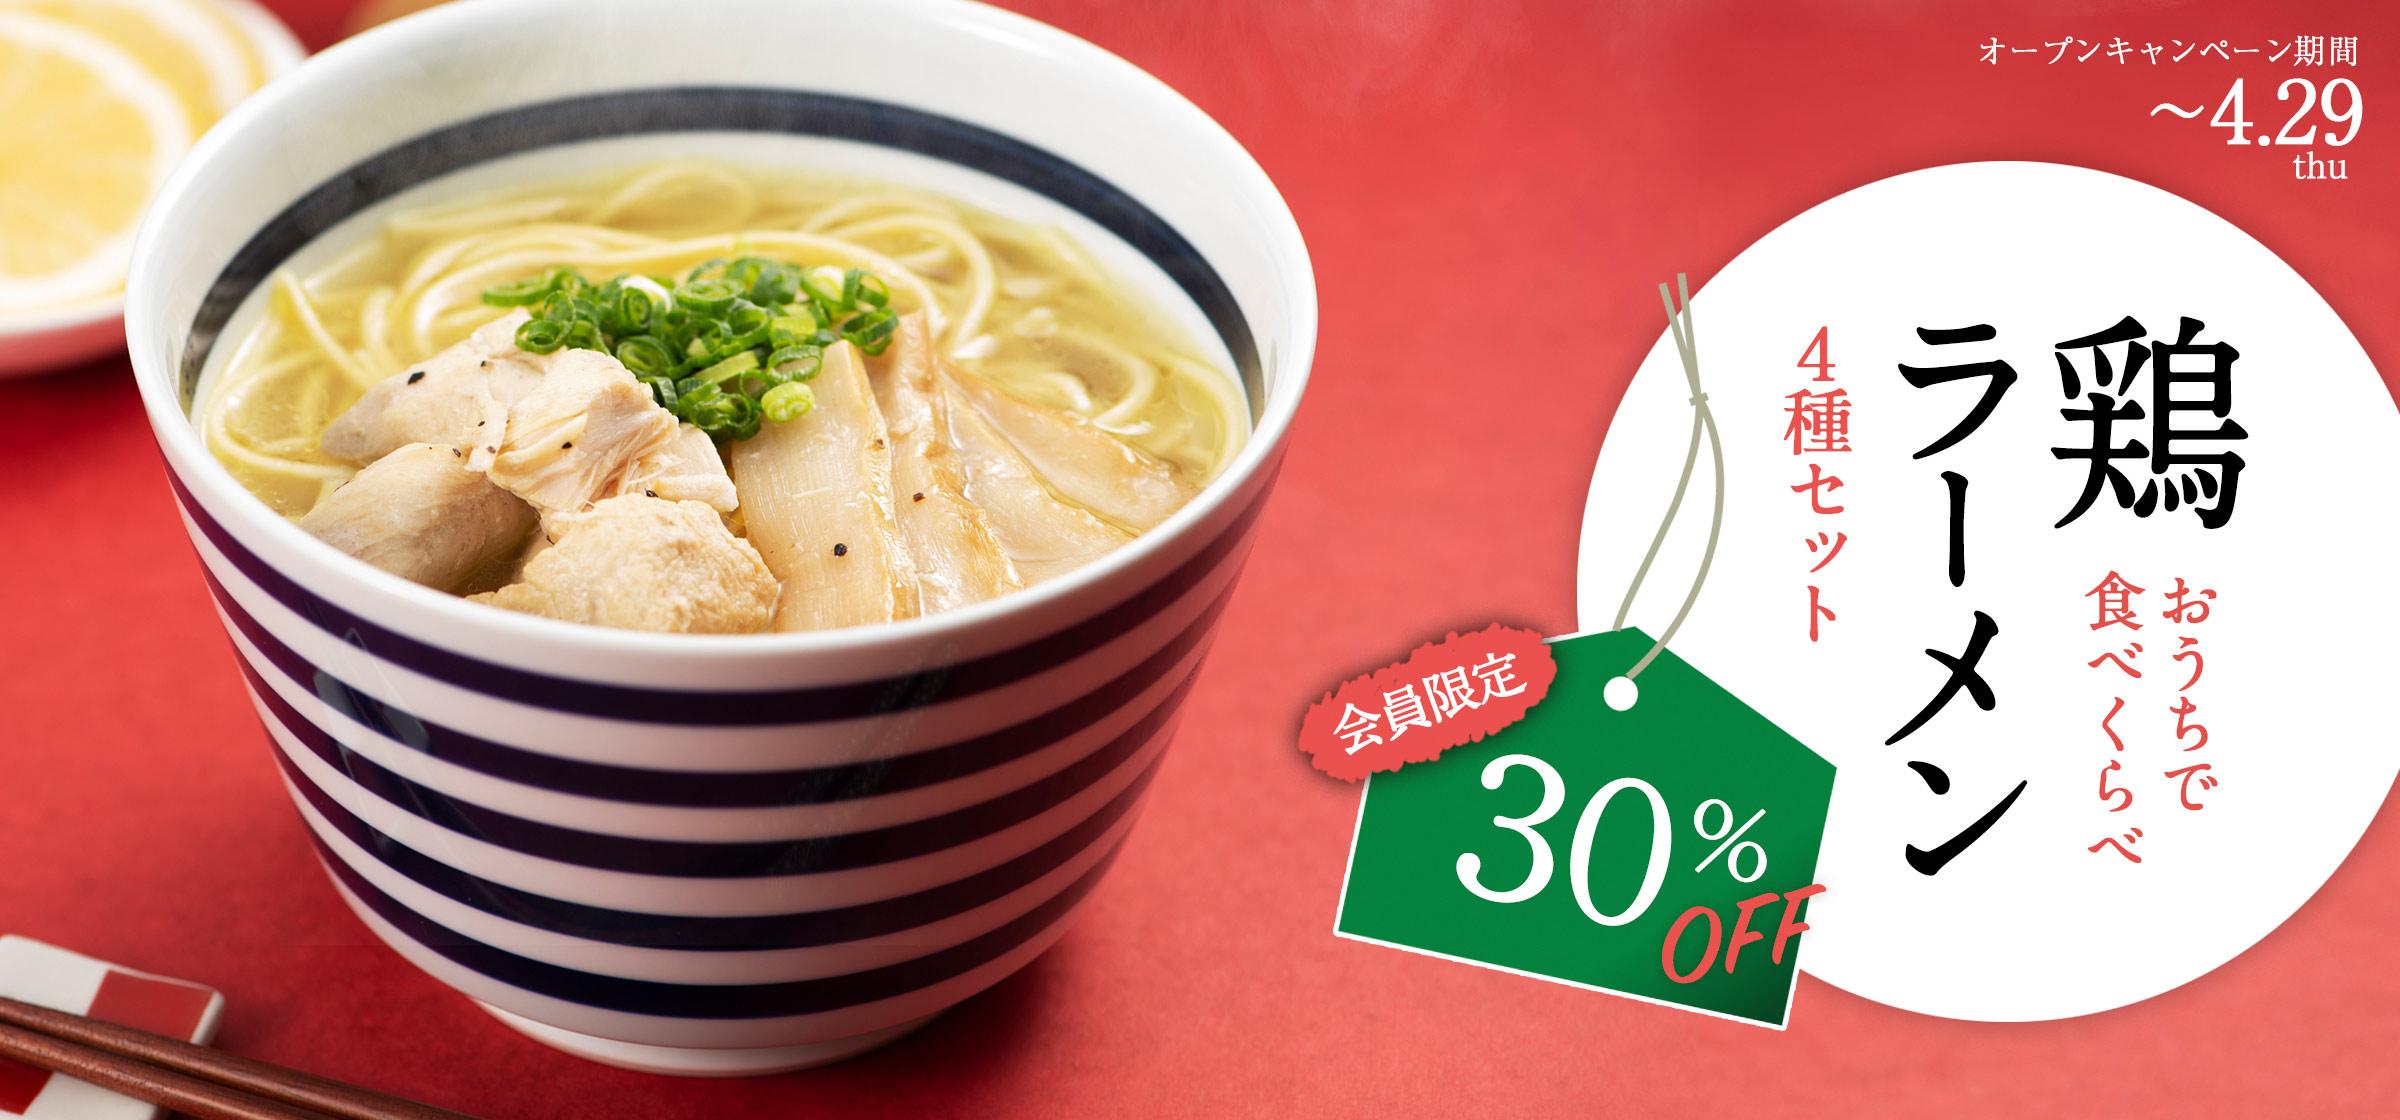 おうちで食べくらべ 鶏ラーメン4種セット【期間限定】商品